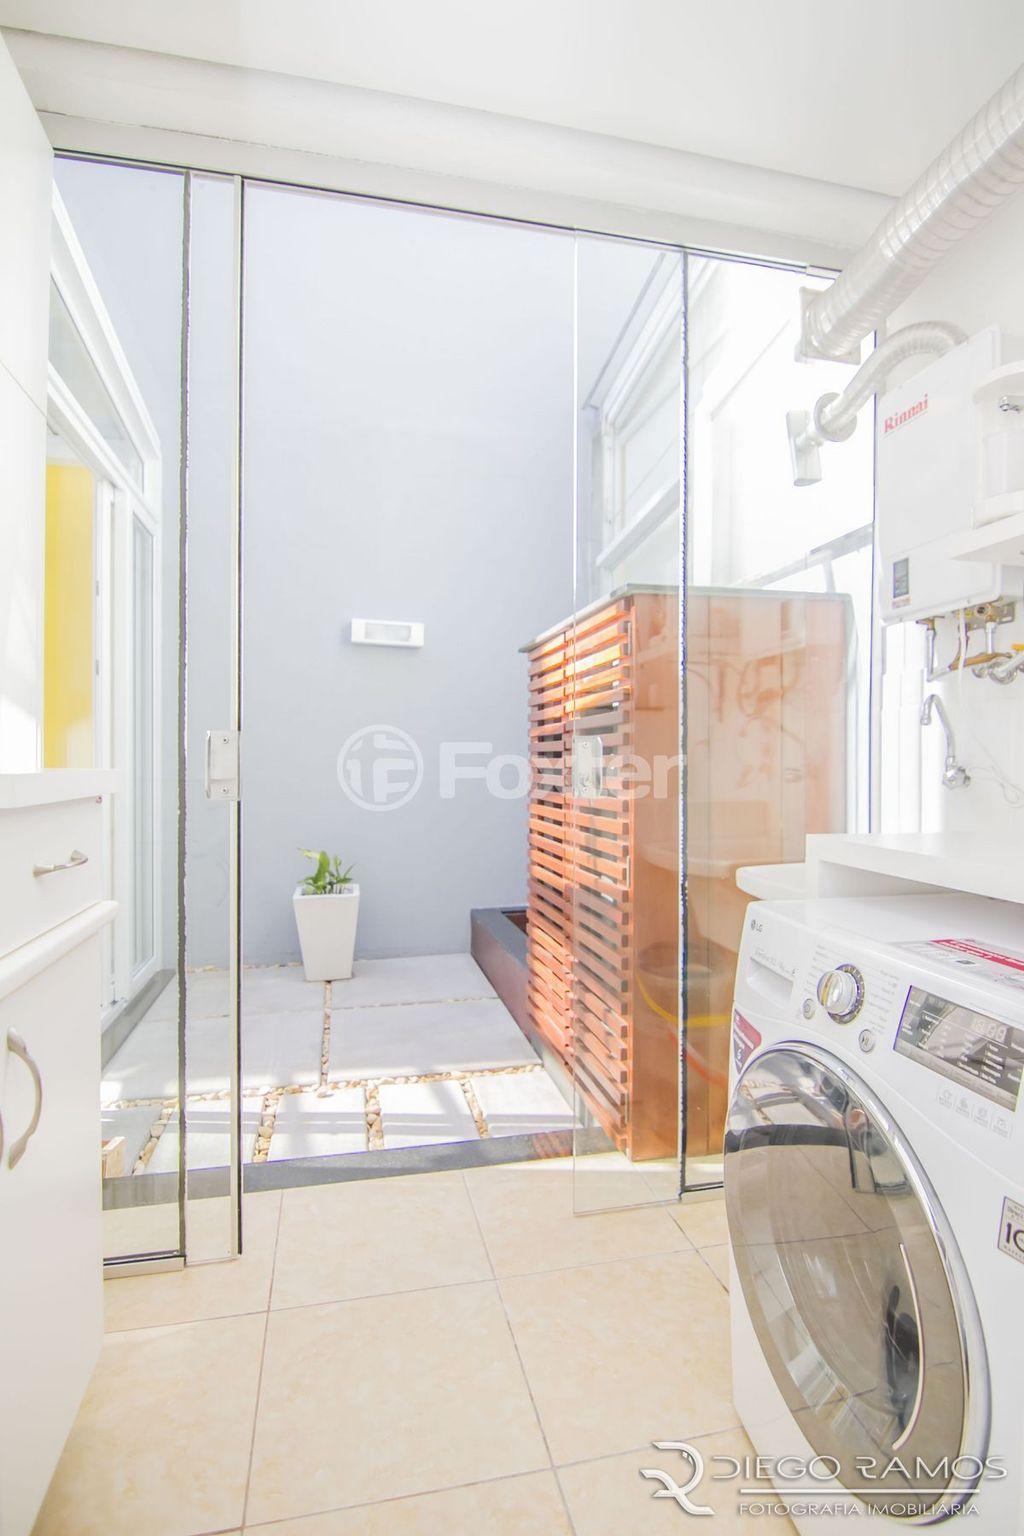 Foxter Imobiliária - Casa 4 Dorm, Vila Assunção - Foto 10